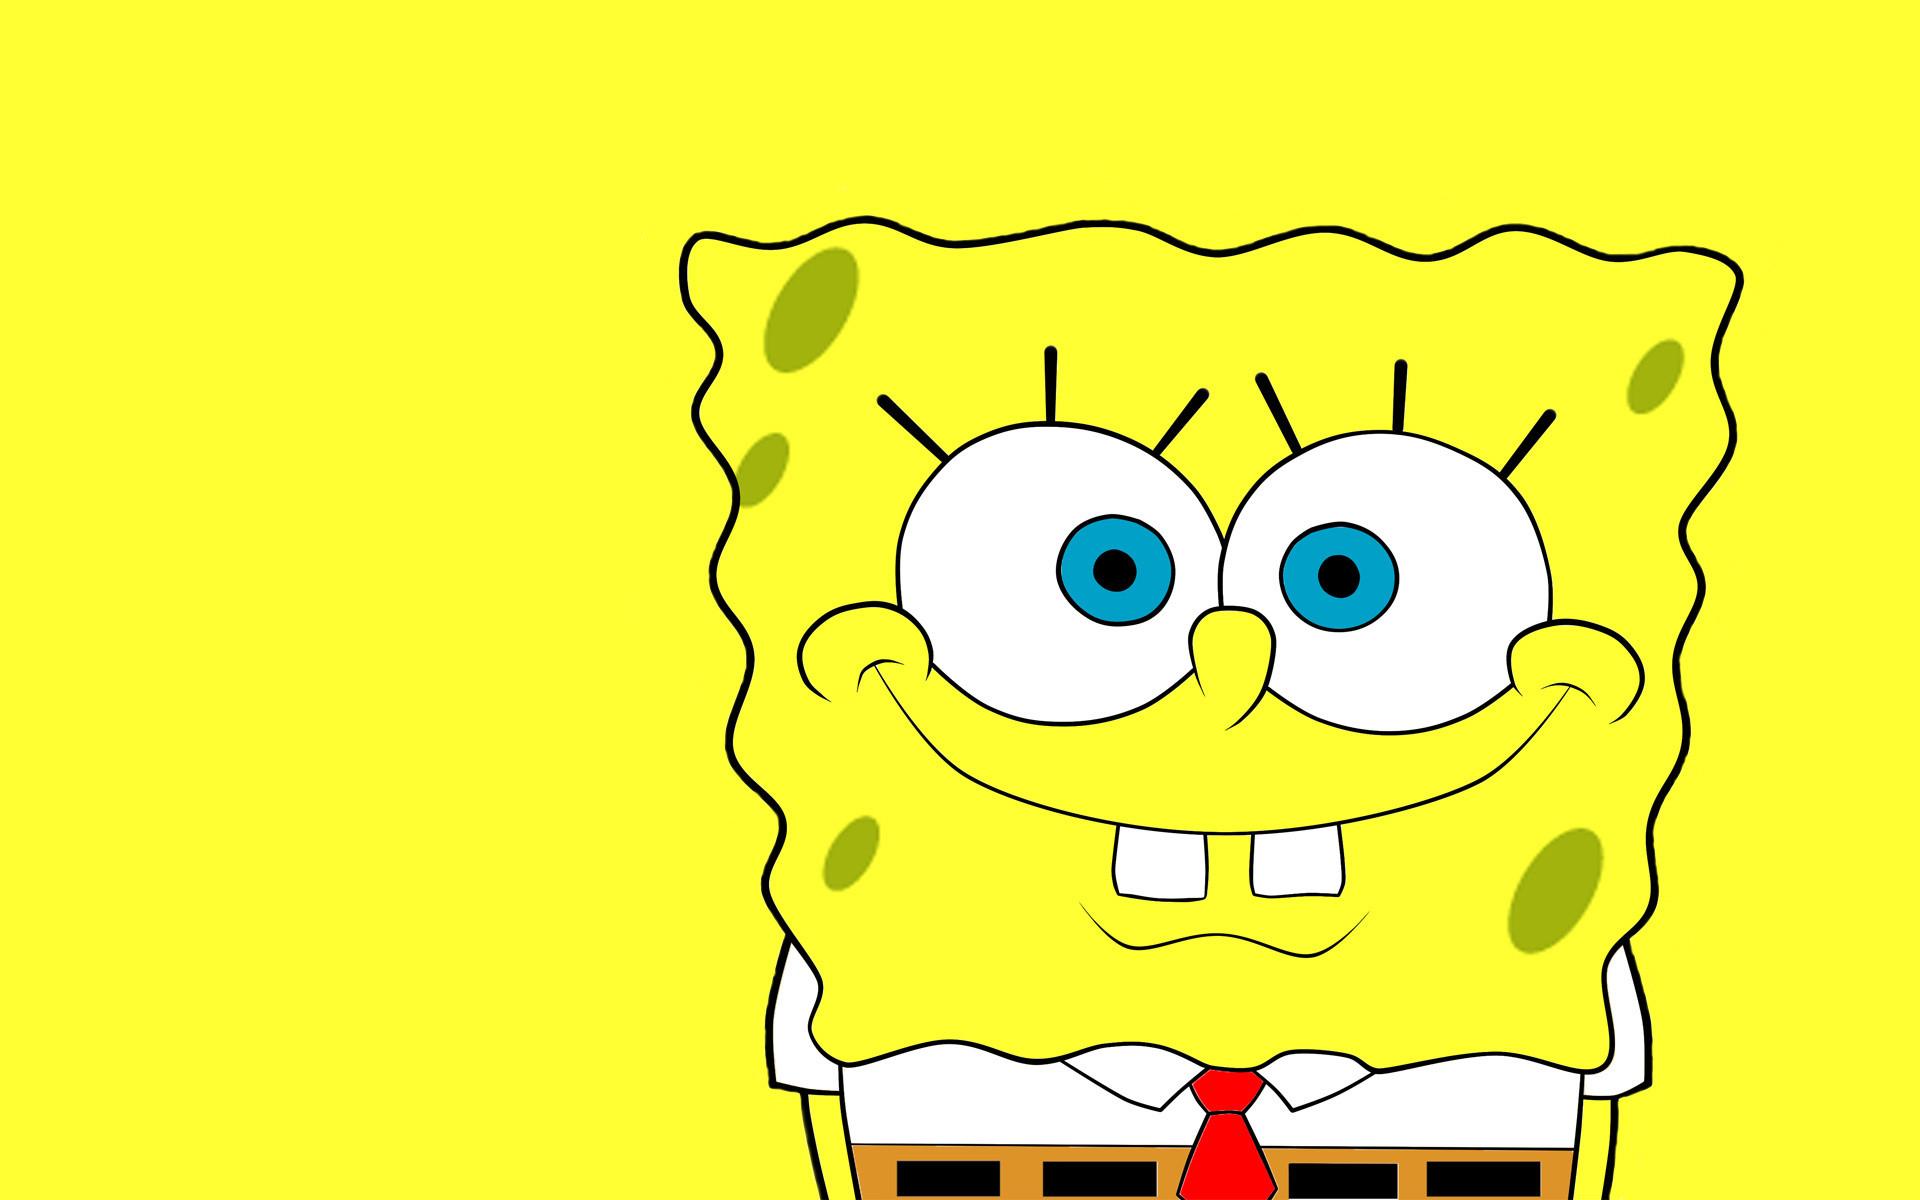 Wallpaper Spongebob Squarepants .